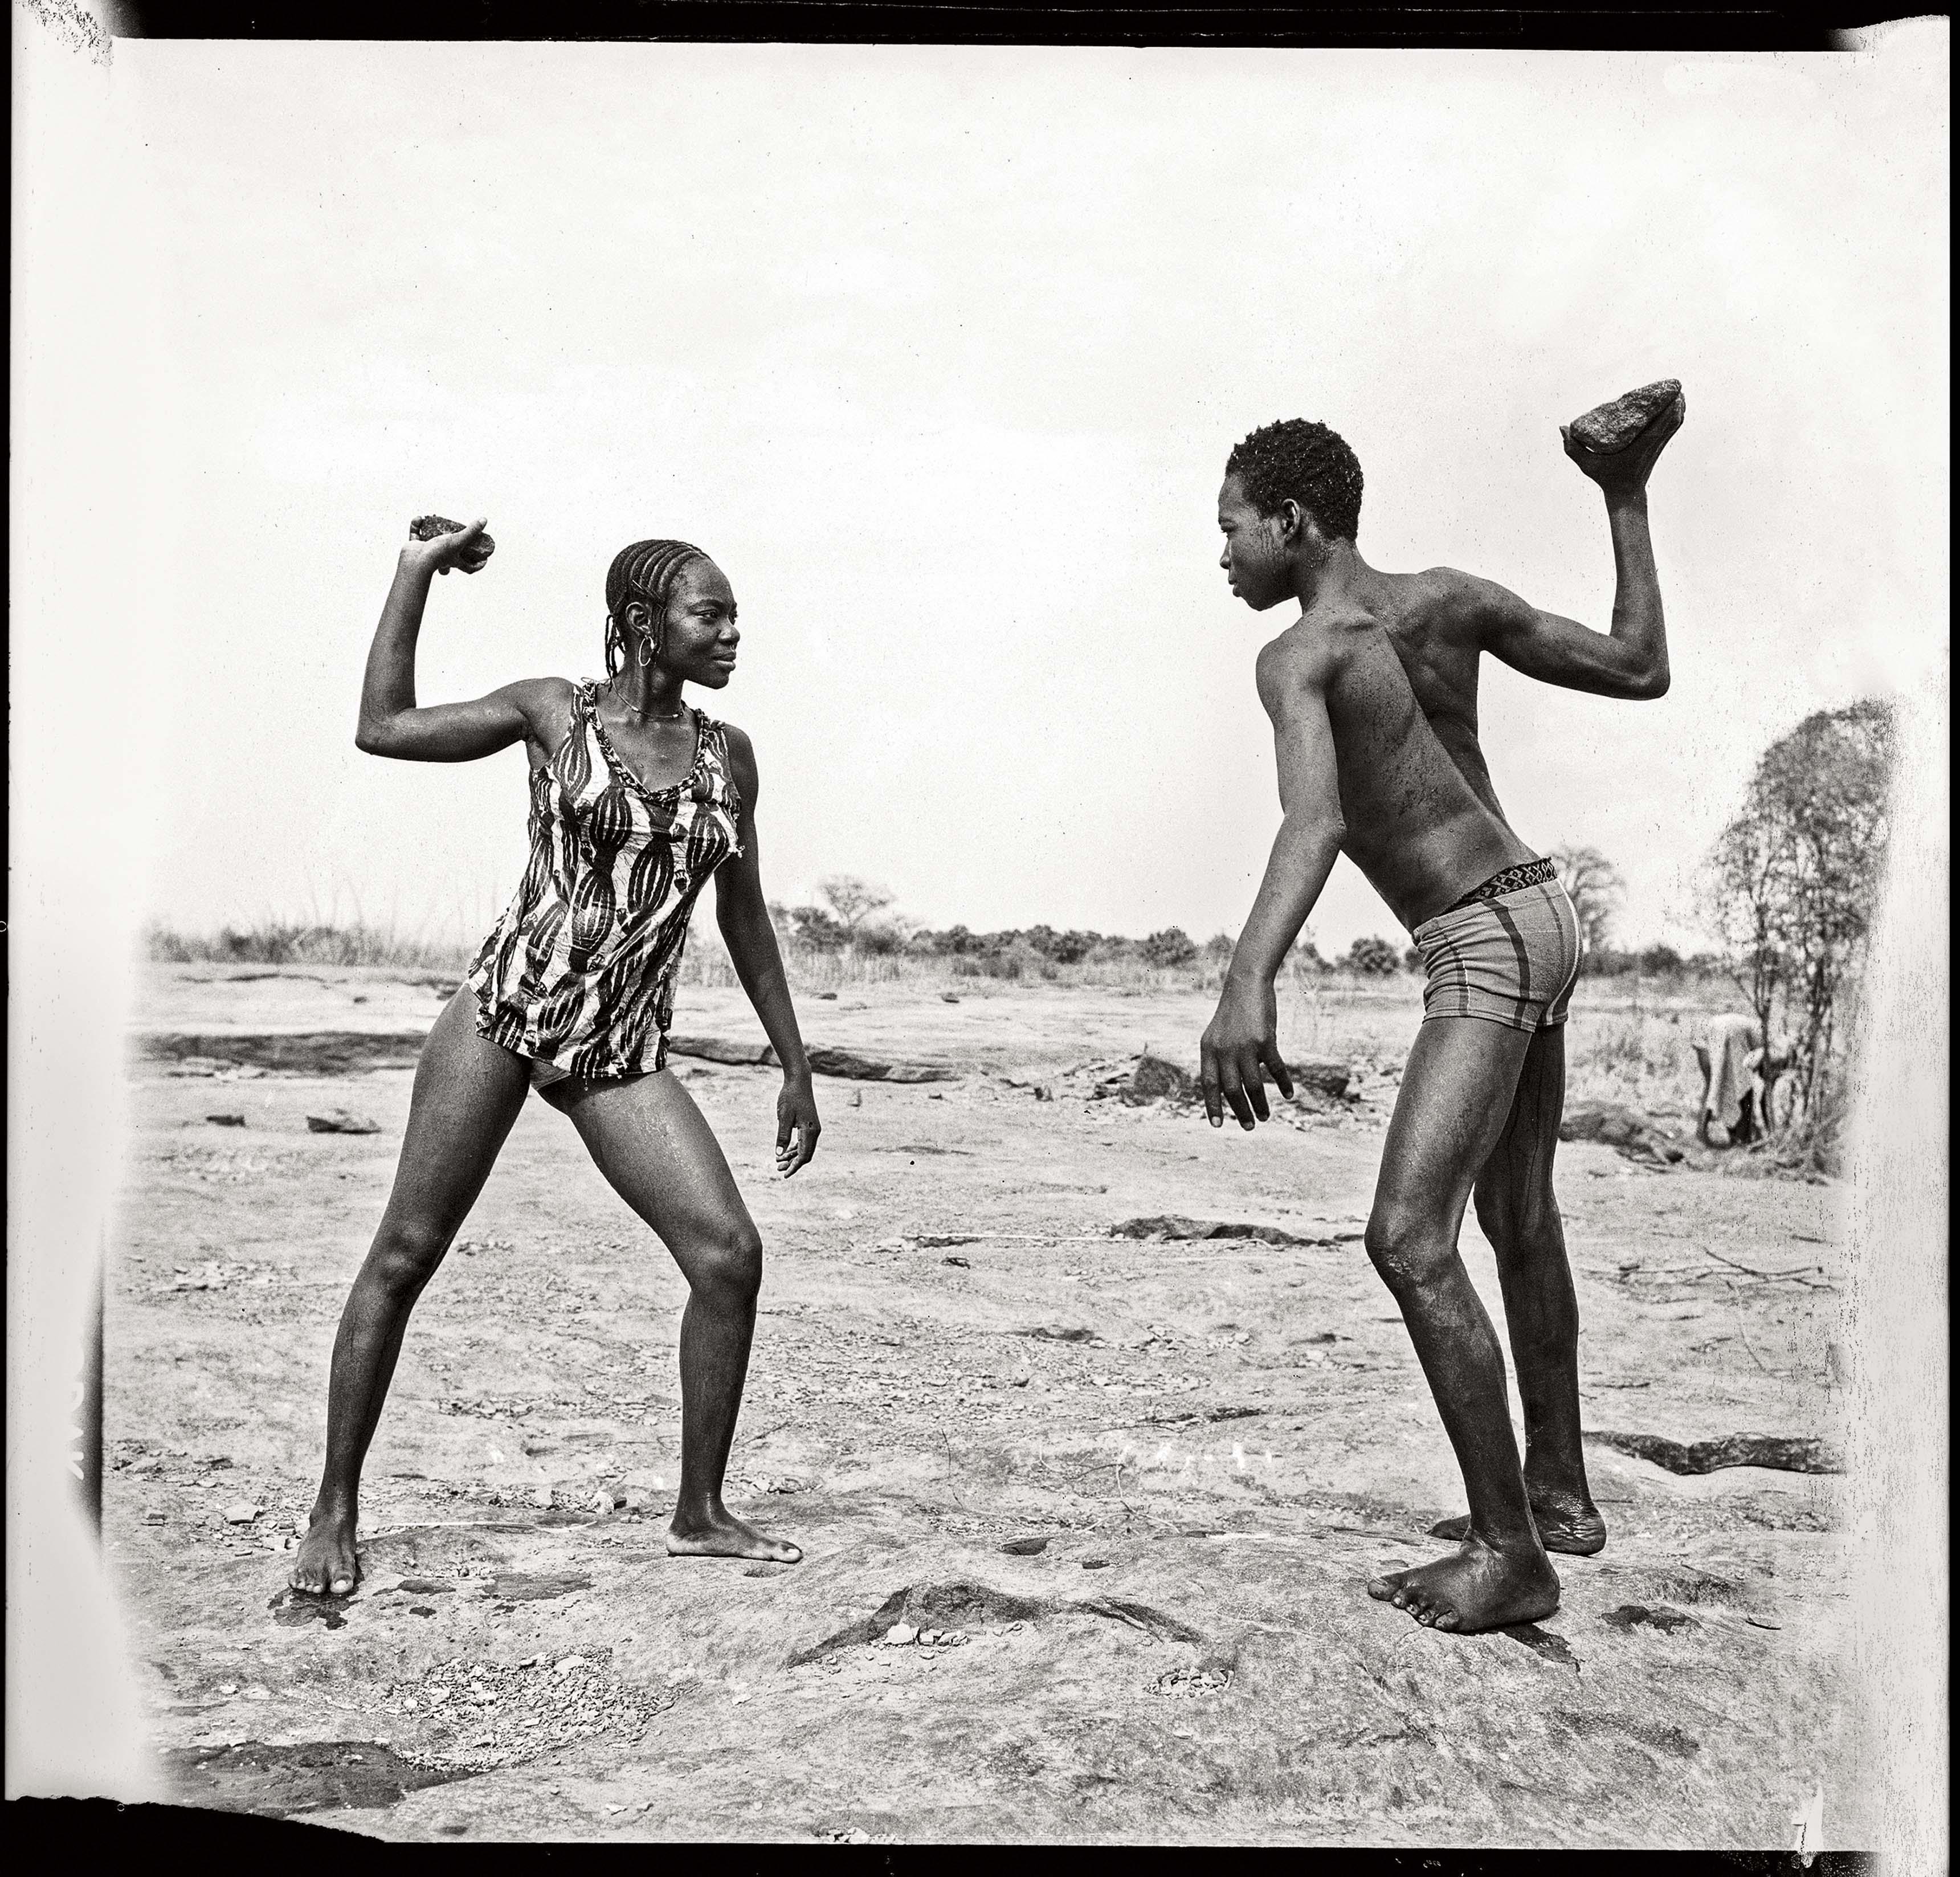 Malick Sidibé Combat des amis avec pierres au bord du Niger, 1976 Tirage gélatino-argentique 99 x 99,5 cm Collection Fondation Cartier pour l'art contemporain, Paris © Malick Sidibé